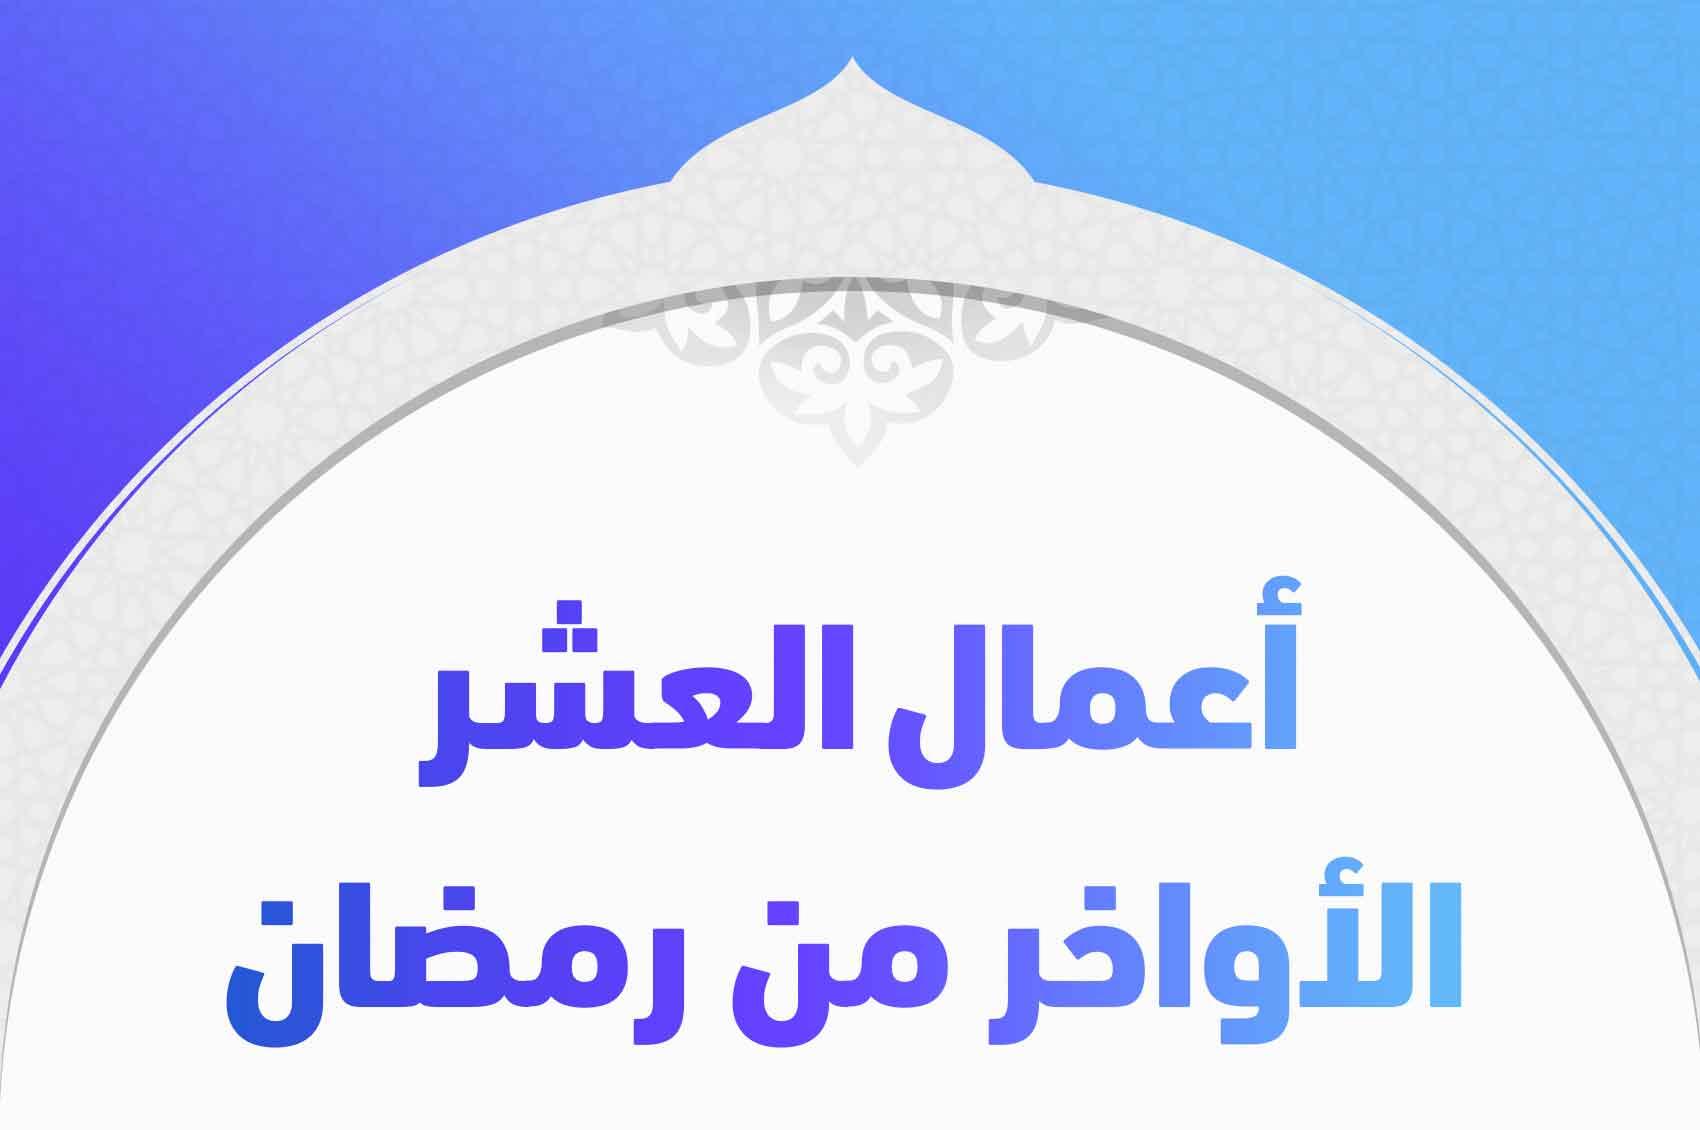 أعمال العشر الأواخر من رمضان وأحبها إلى الله ورسوله تريندات